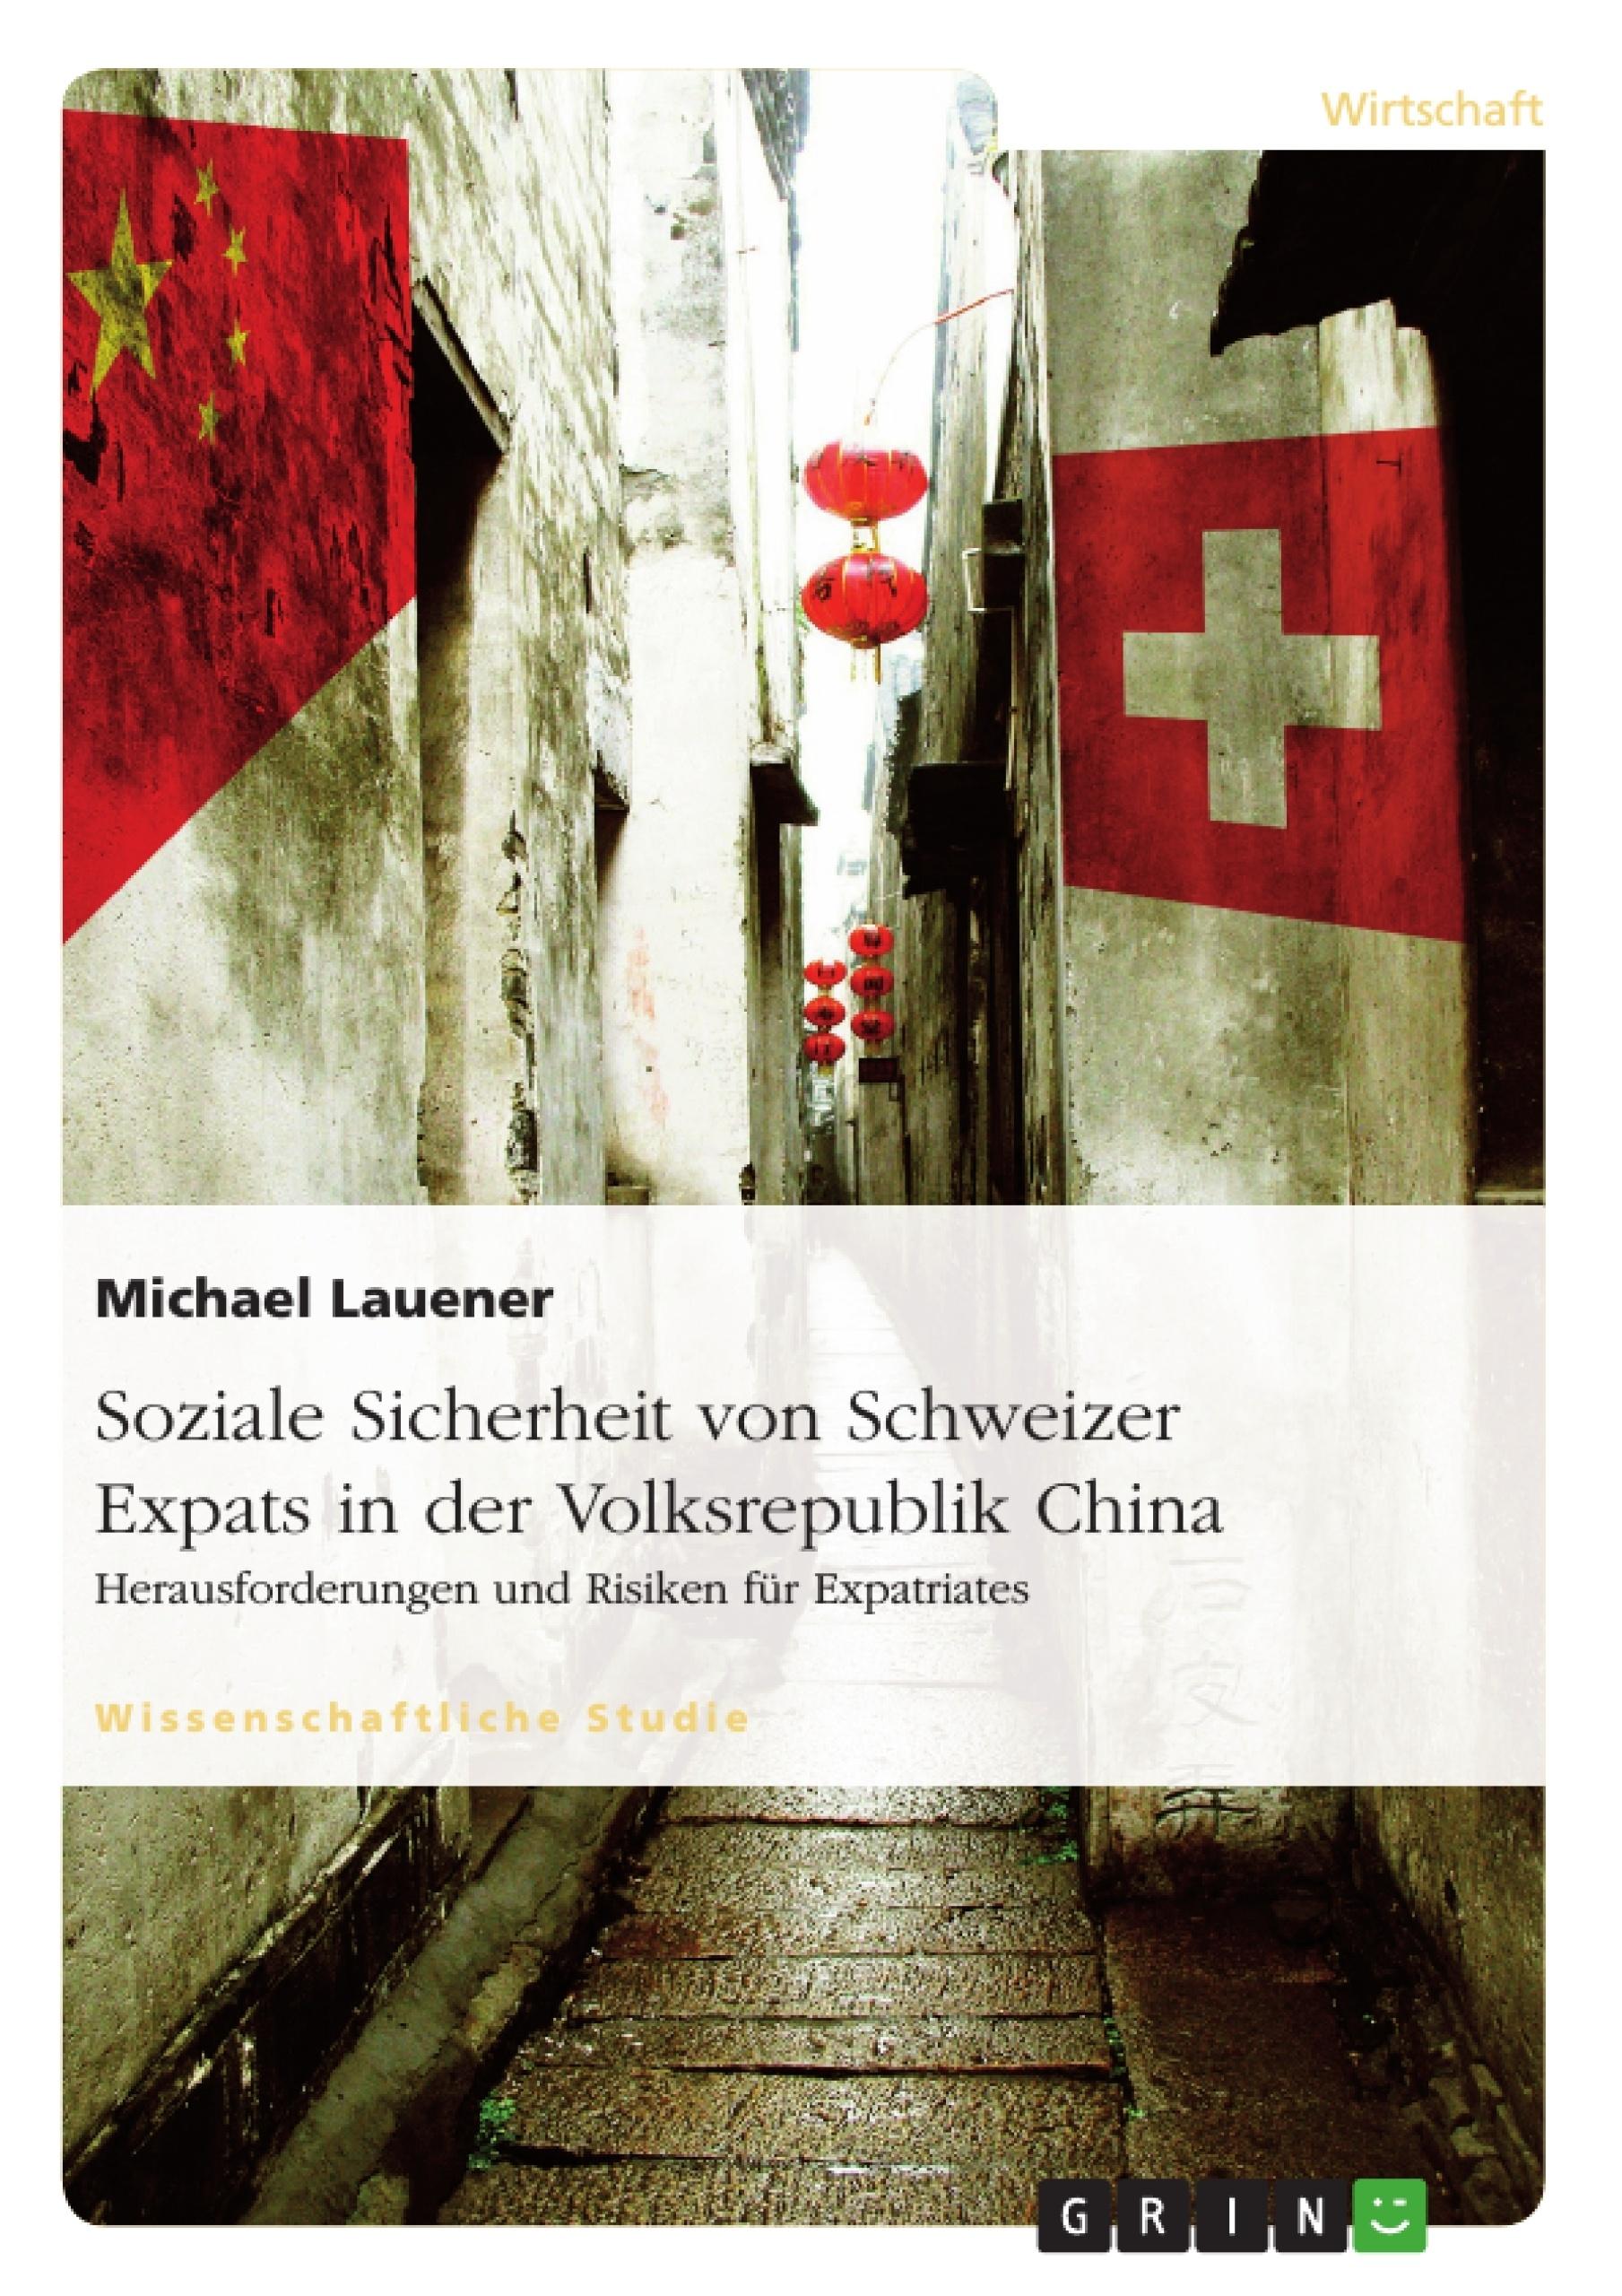 Titel: Soziale Sicherheit von Schweizer Expats in der Volksrepublik China. Herausforderungen und Risiken für Expatriates